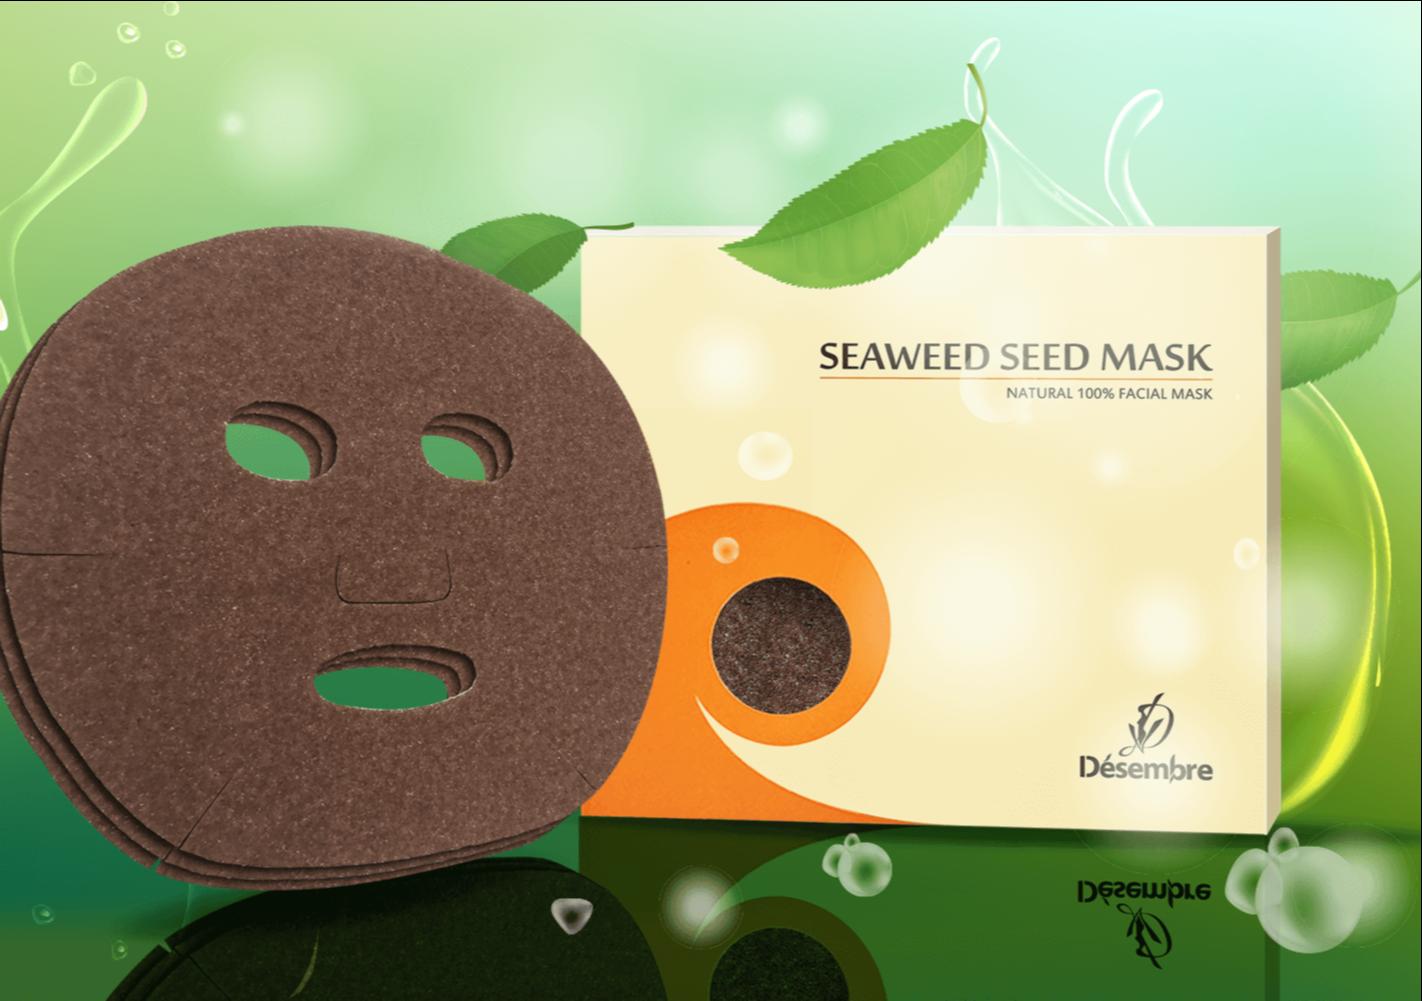 Thành phần của Mặt nạ tảo biển SEAWEED SEED MASK